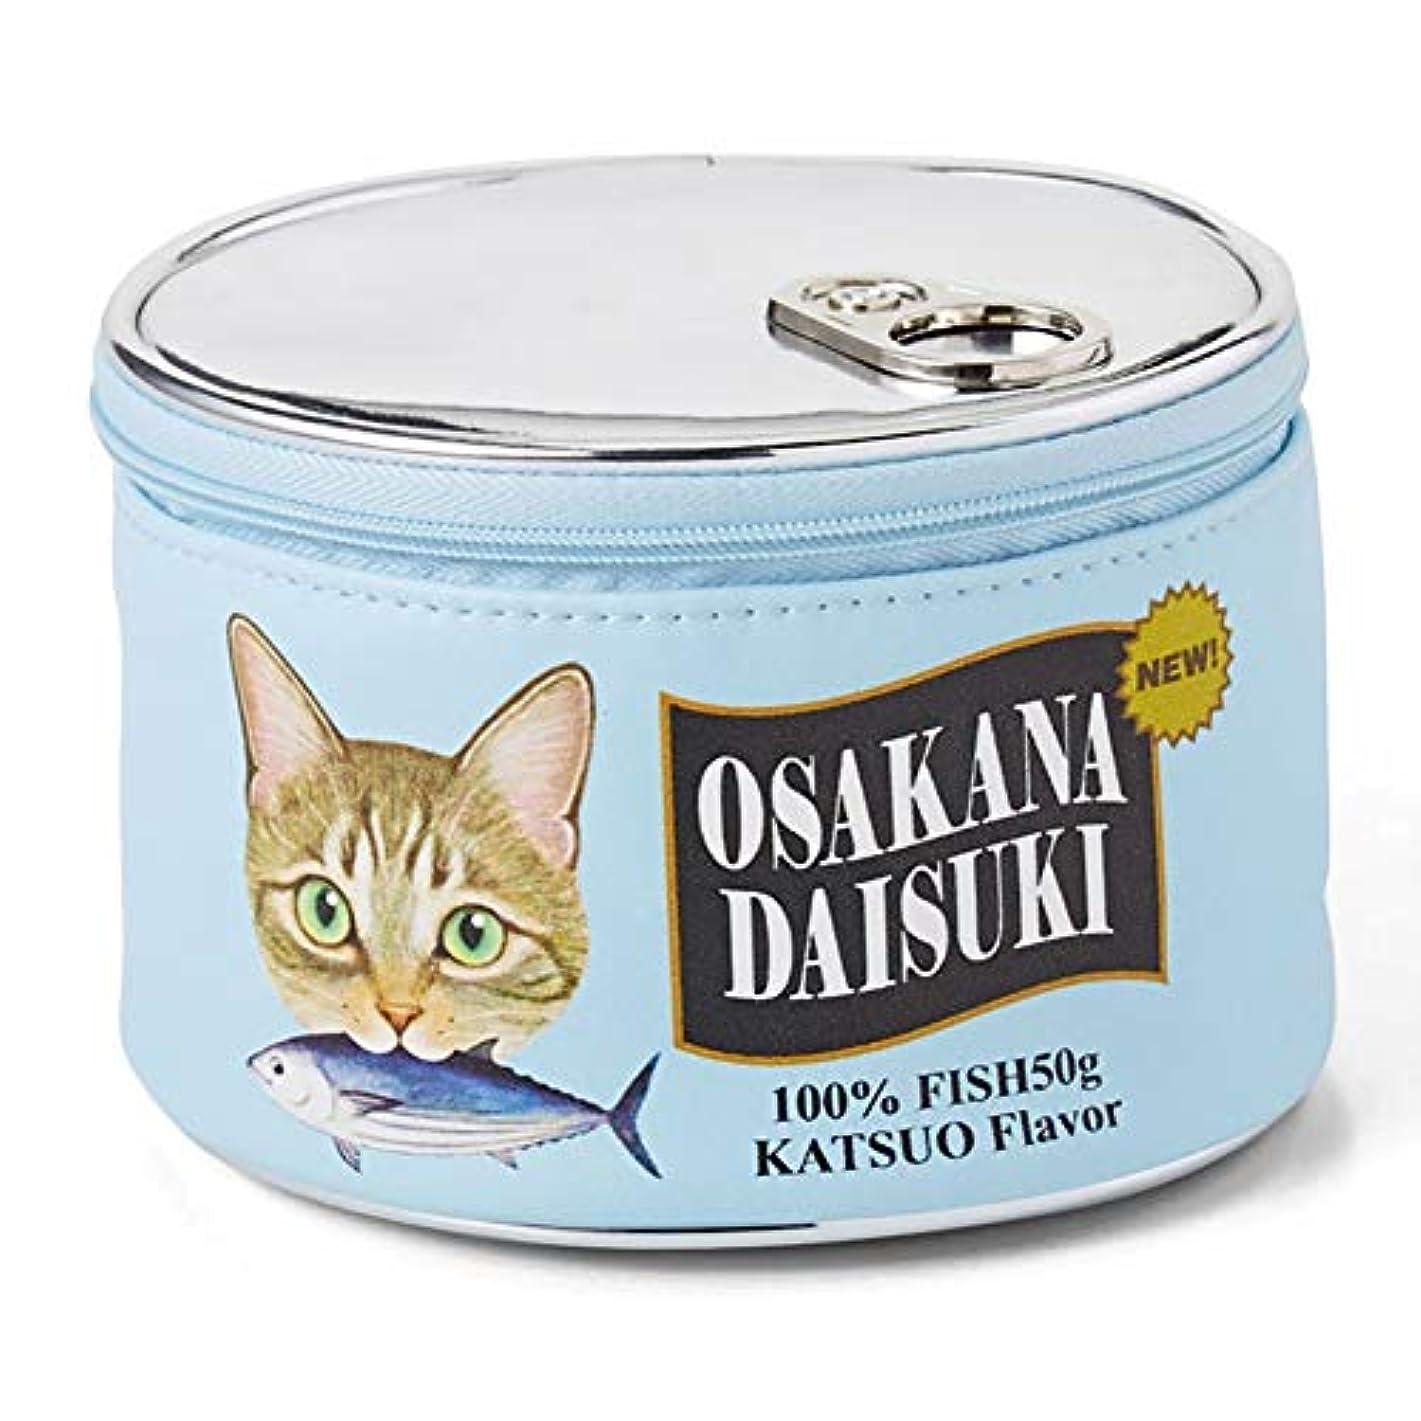 ジャベスウィルソンハプニング解釈YIGO 化粧ポーチ 猫 ねこ 魚の缶詰 設計 可愛い メイクポーチ バッグ 化粧バッグ 財布 大容量 化粧品収納 小物入れ おしゃれ ブルー